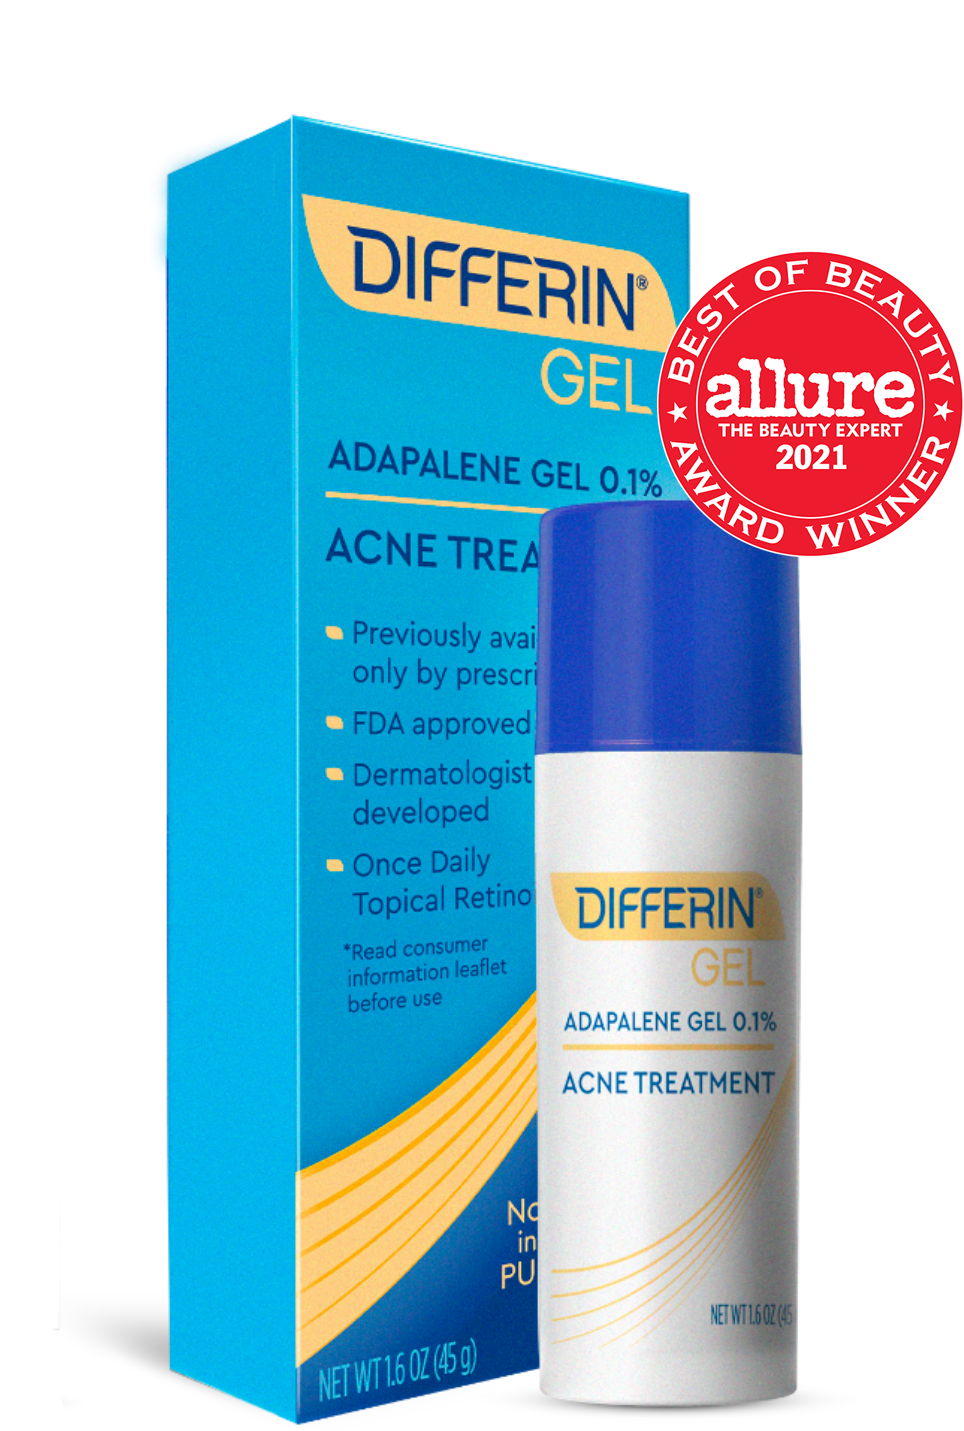 Learn more about Differin Gel (adapalene 0.1%). 2020 Allure Best of Beauty Award Winner